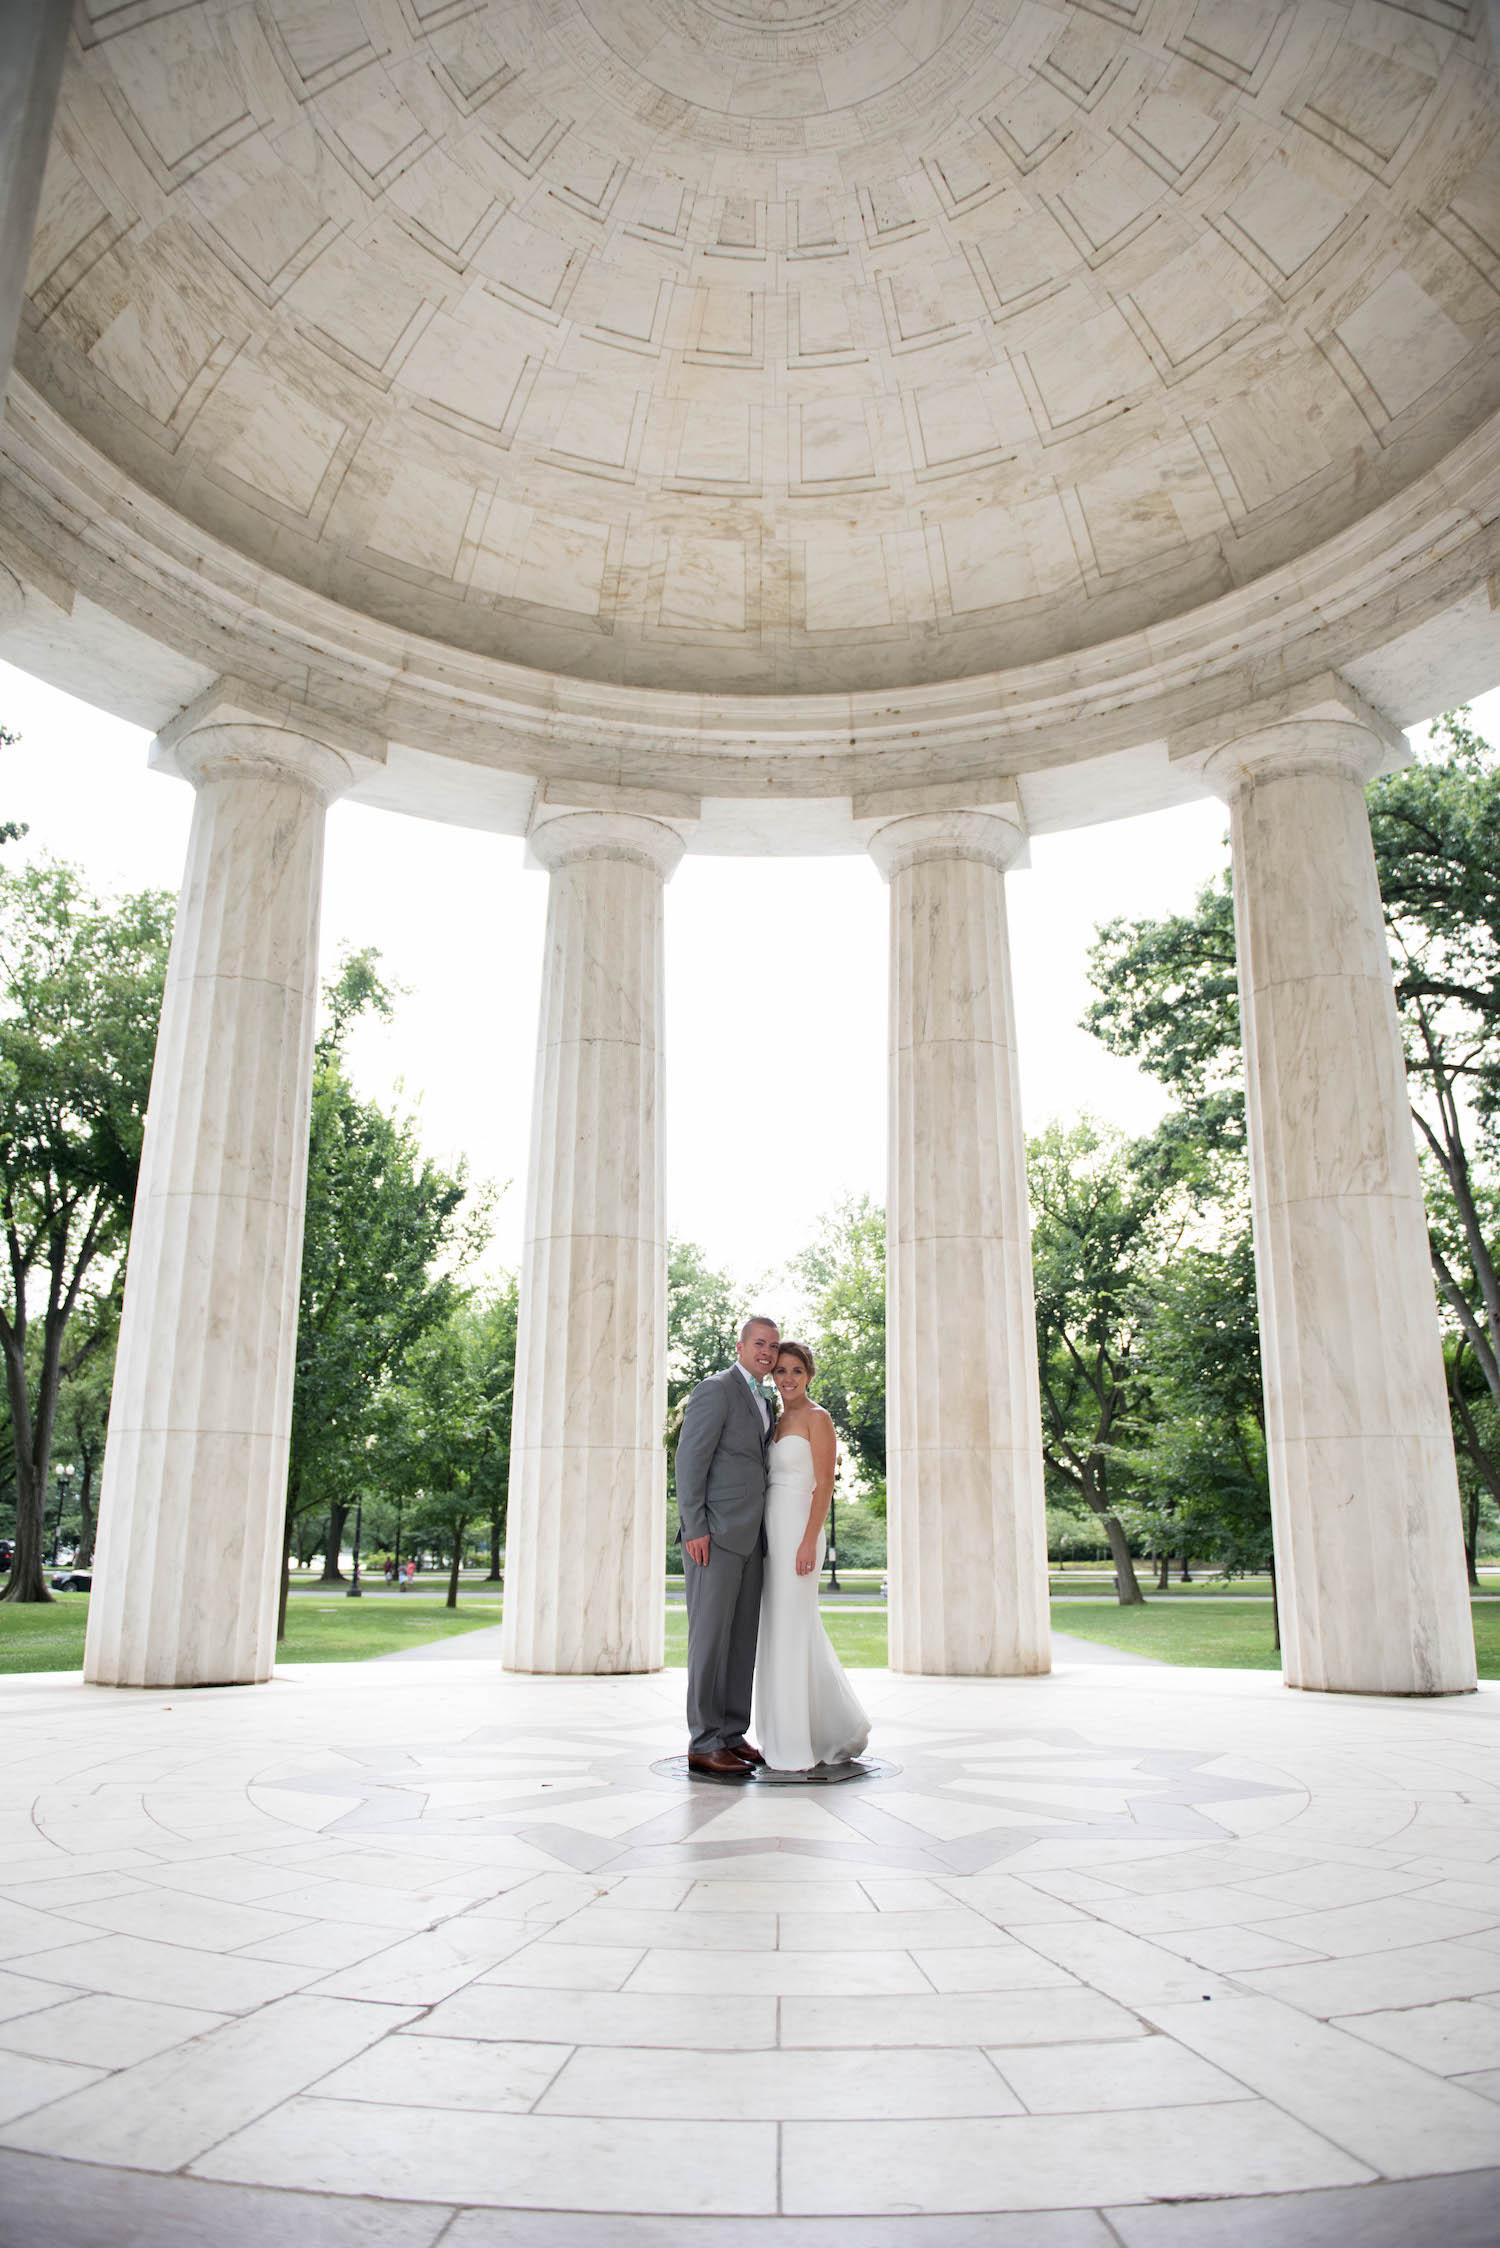 Washington DC Wedding - Sincerely Pete Events - Erin Tetterton Photography - DC War Memorial Photos